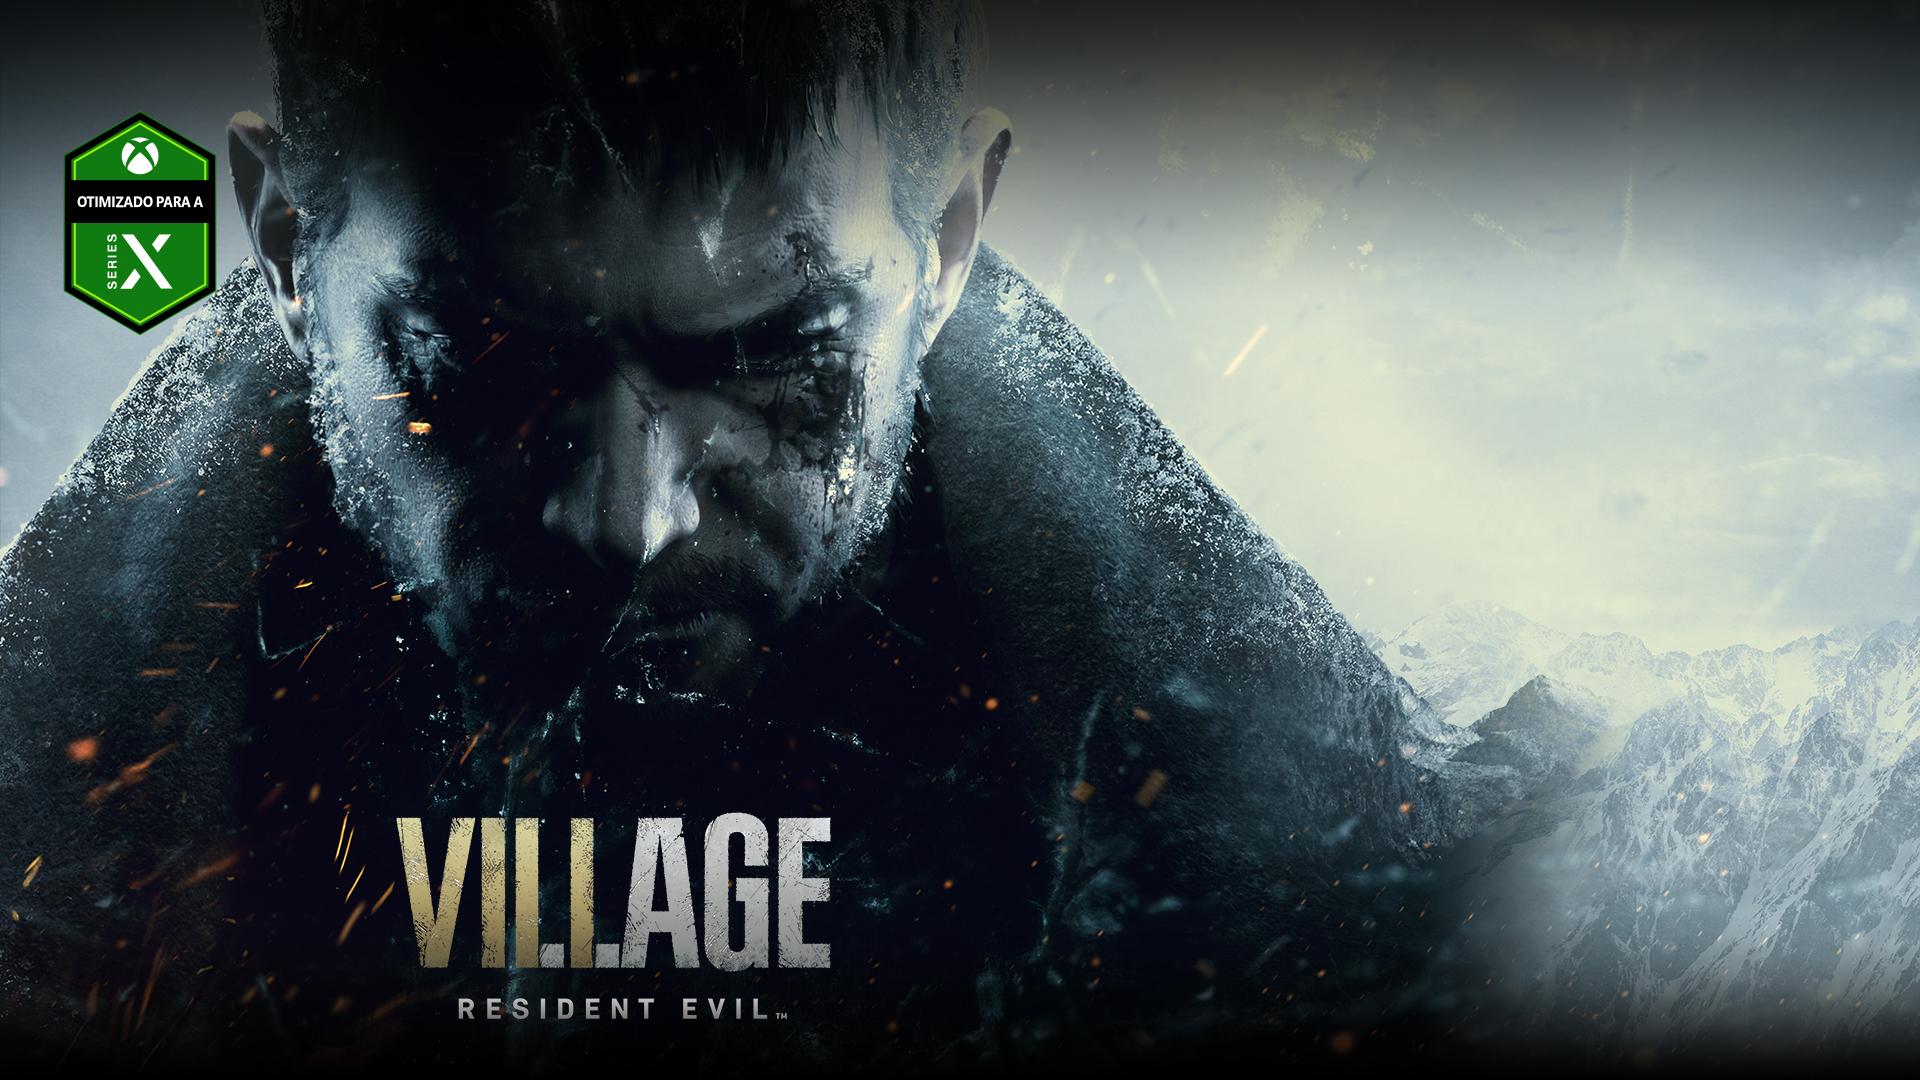 Resident Evil Village, o rosto sombrio de Chris Redfield ao lado de uma montanha